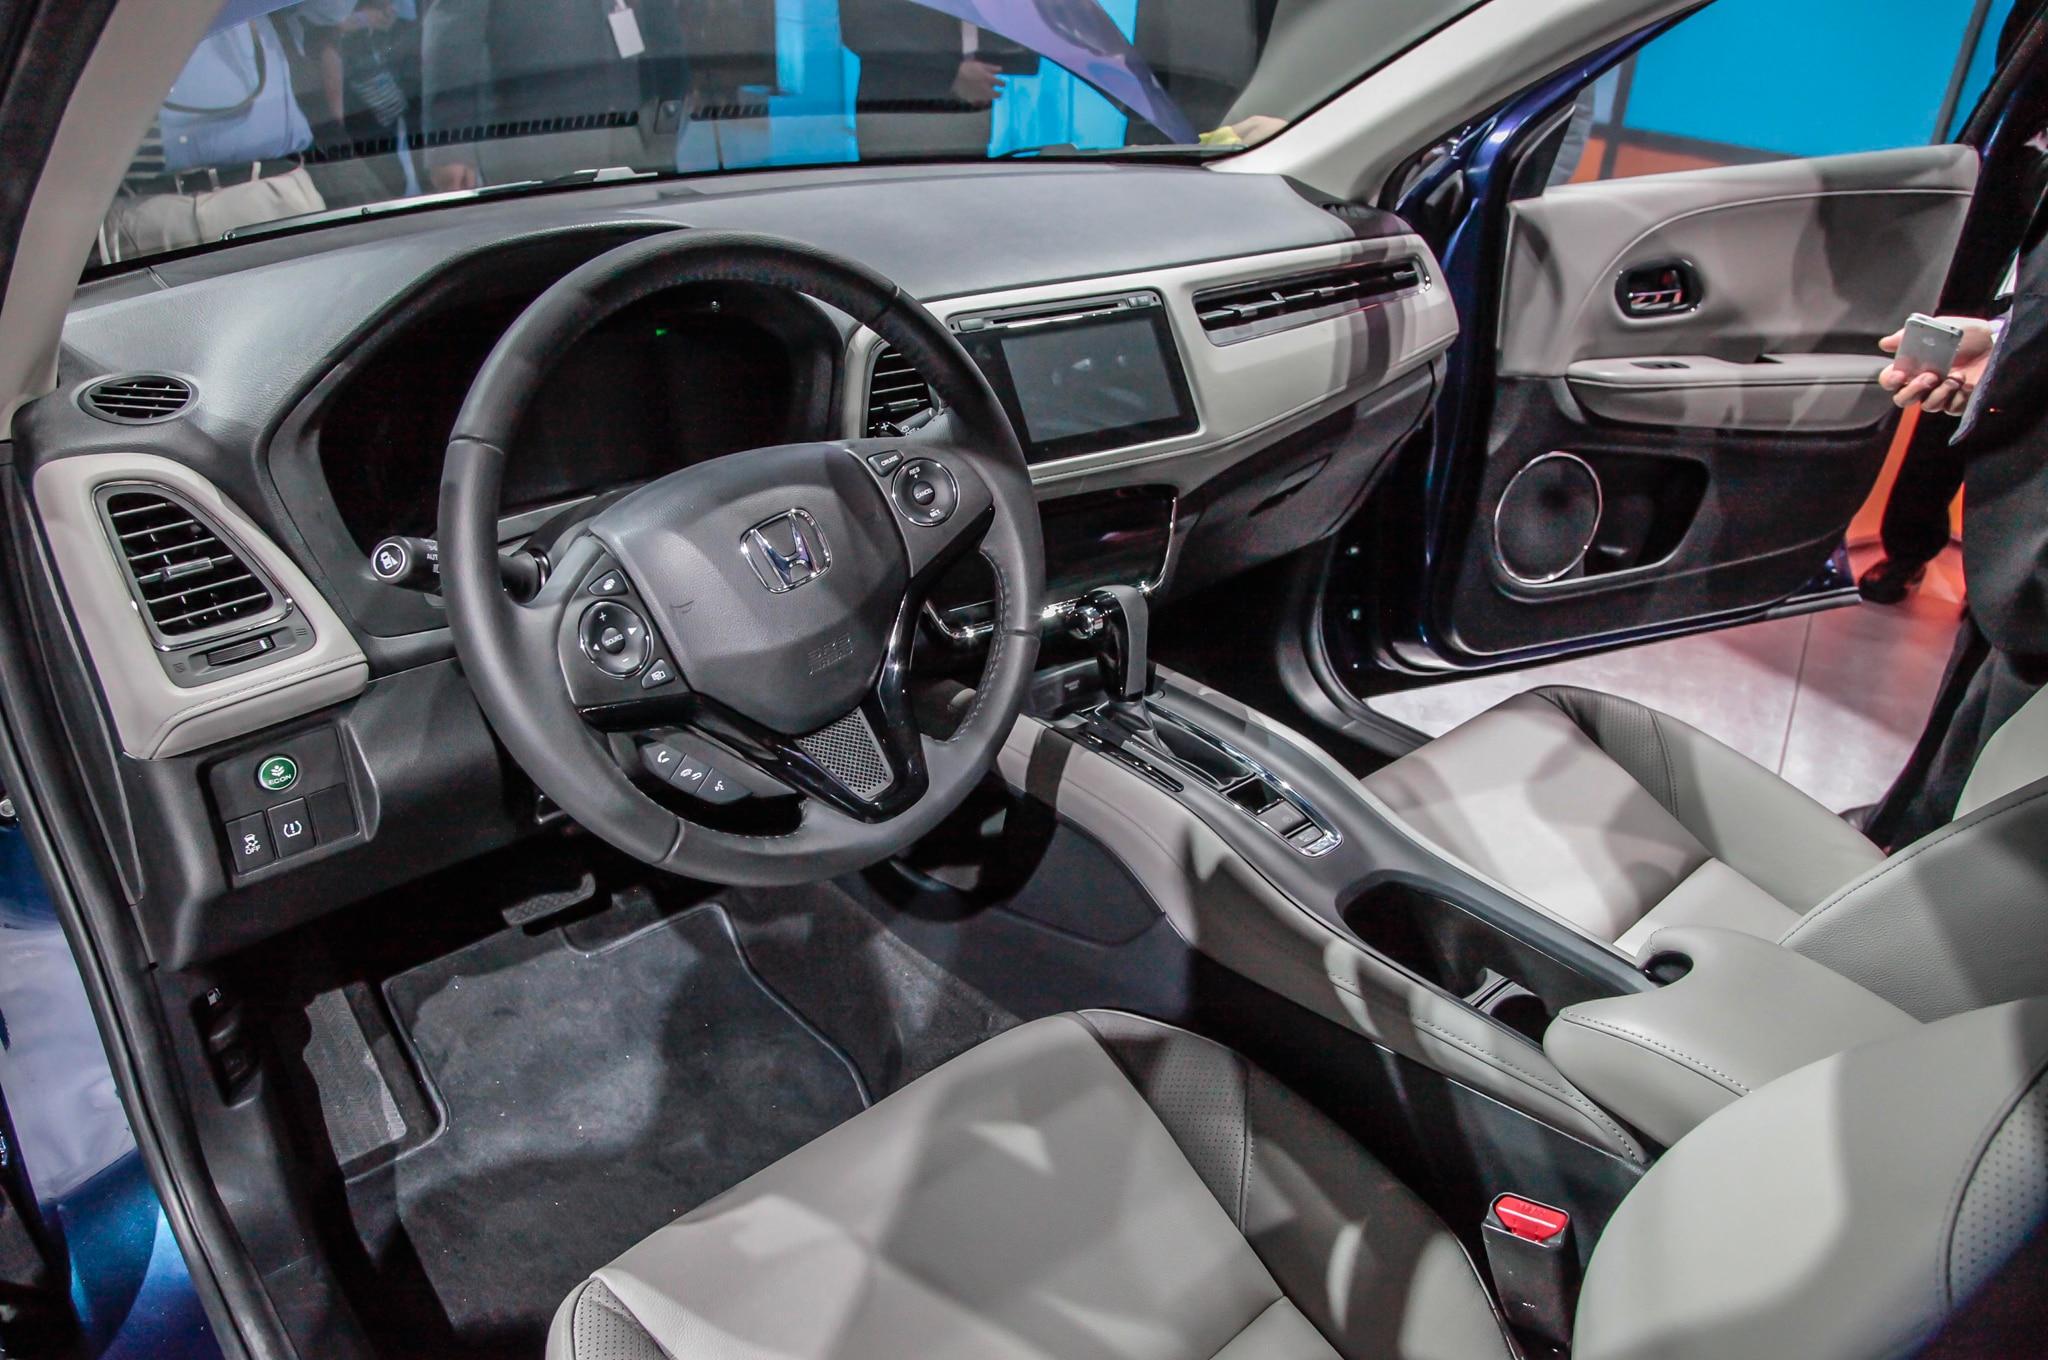 2016 Honda Hr V Uses Civic S 1 8 Liter Engine